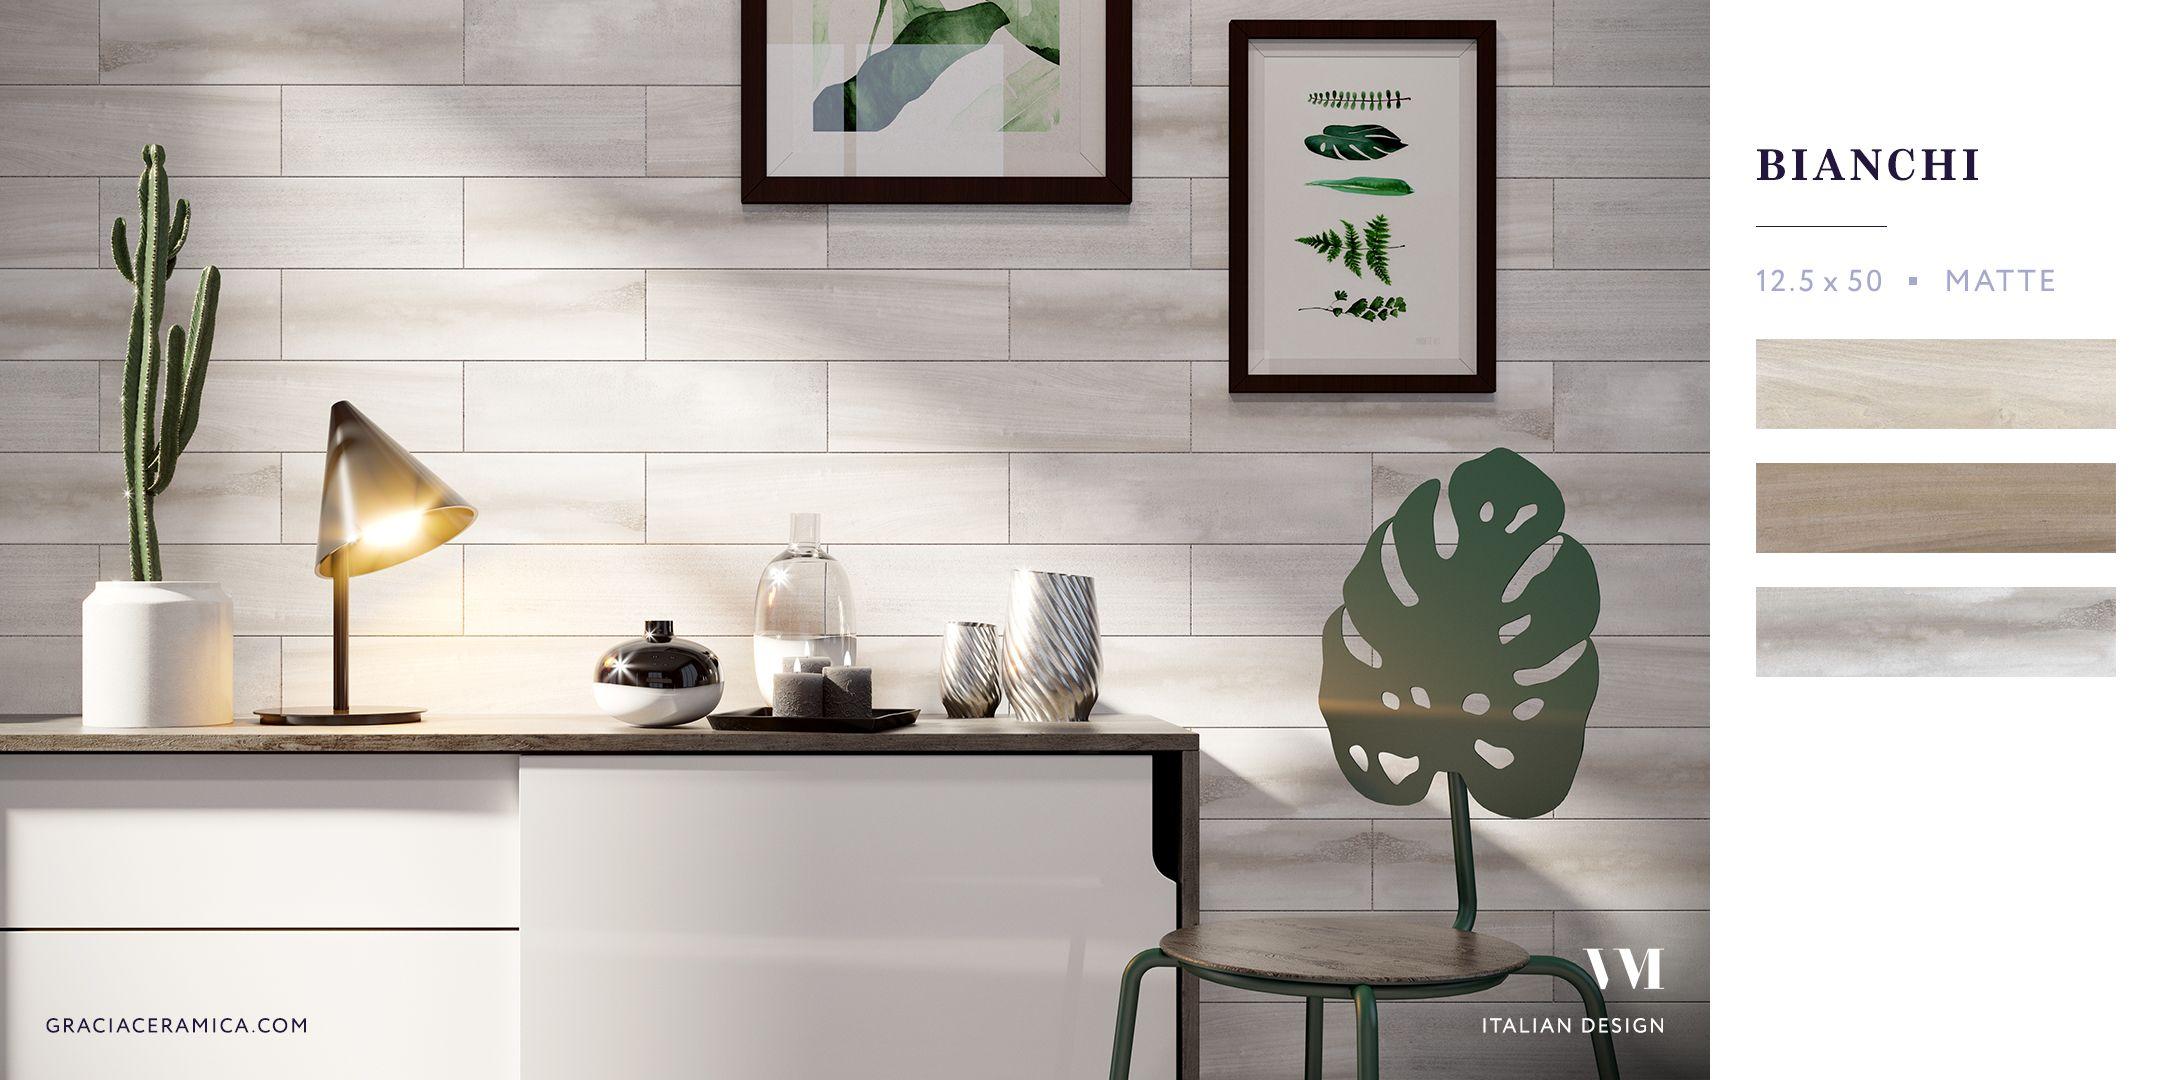 #Bianchi #Gracia Ceramica # #